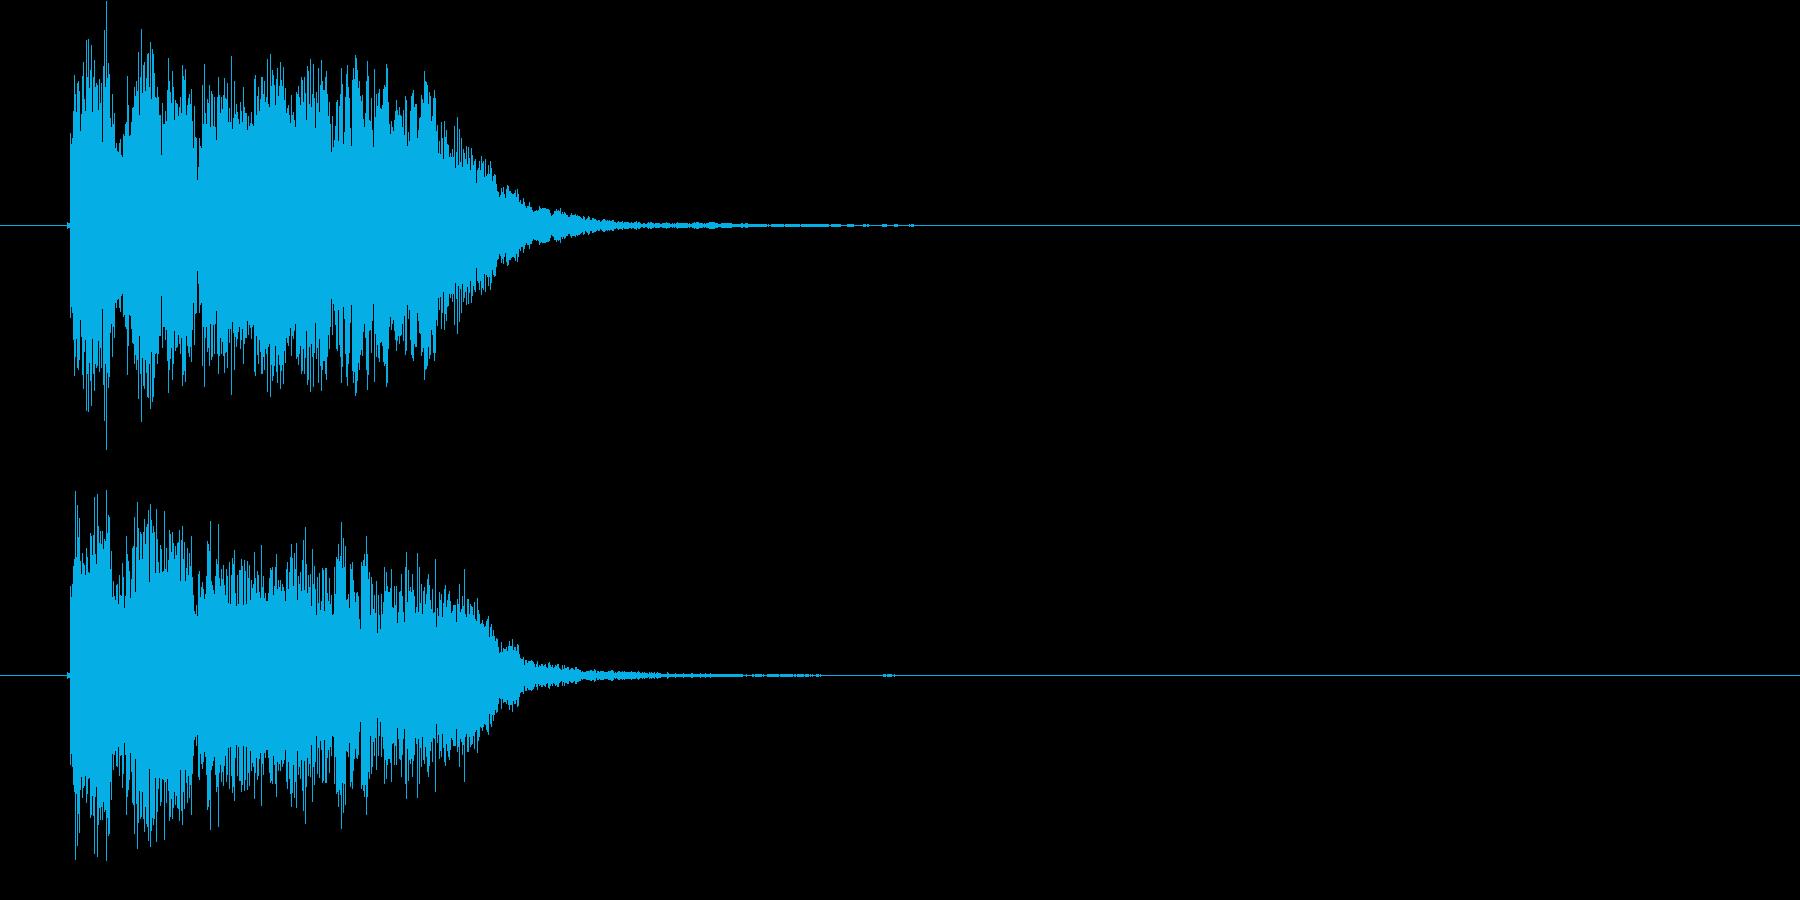 軽快でポップな英語の声入りジングルの再生済みの波形